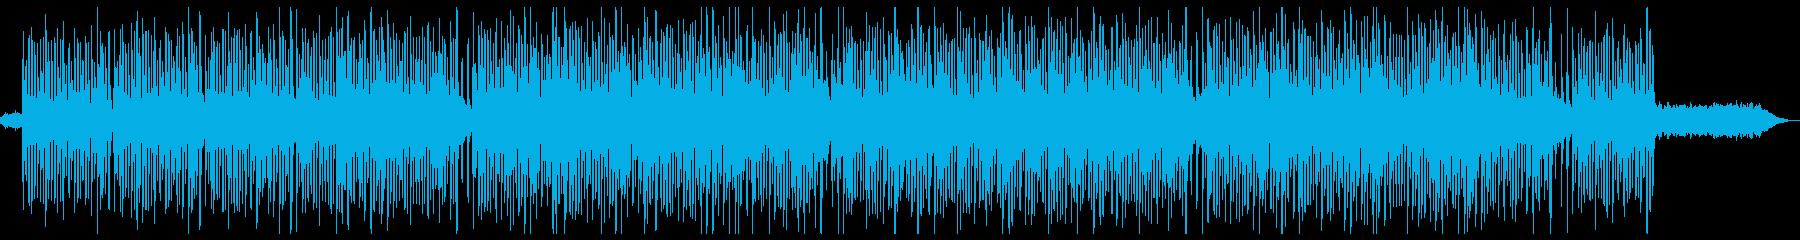 528Hz自然とオルゴールの瞑想BGMの再生済みの波形